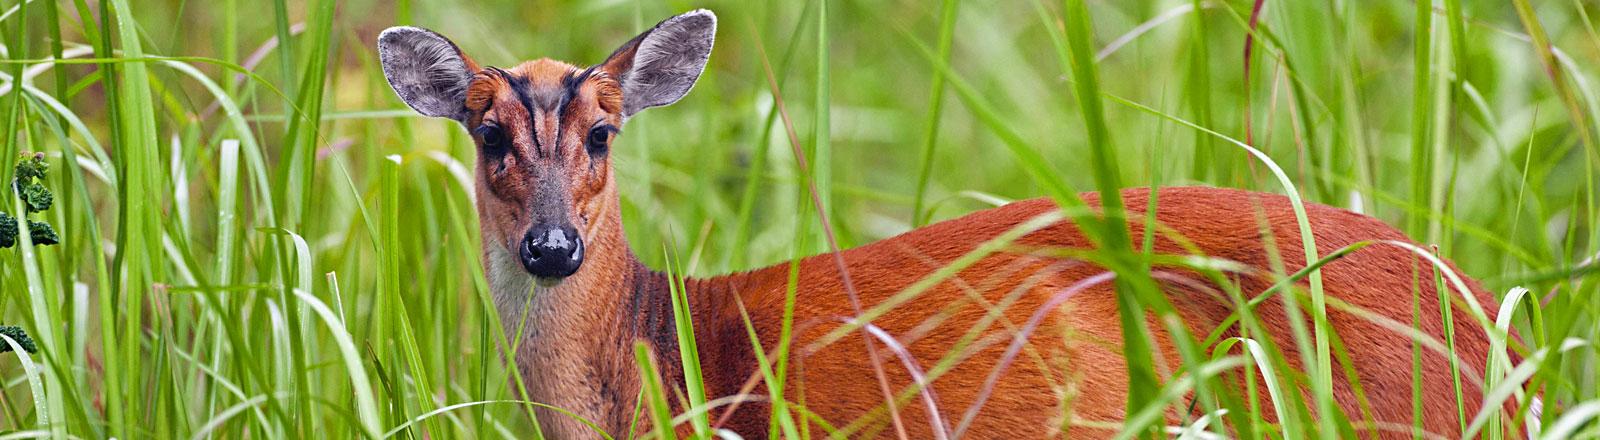 Ein Zwergmuntjak-Hirsch steht auf einer Wiese und blickt in die Kamera